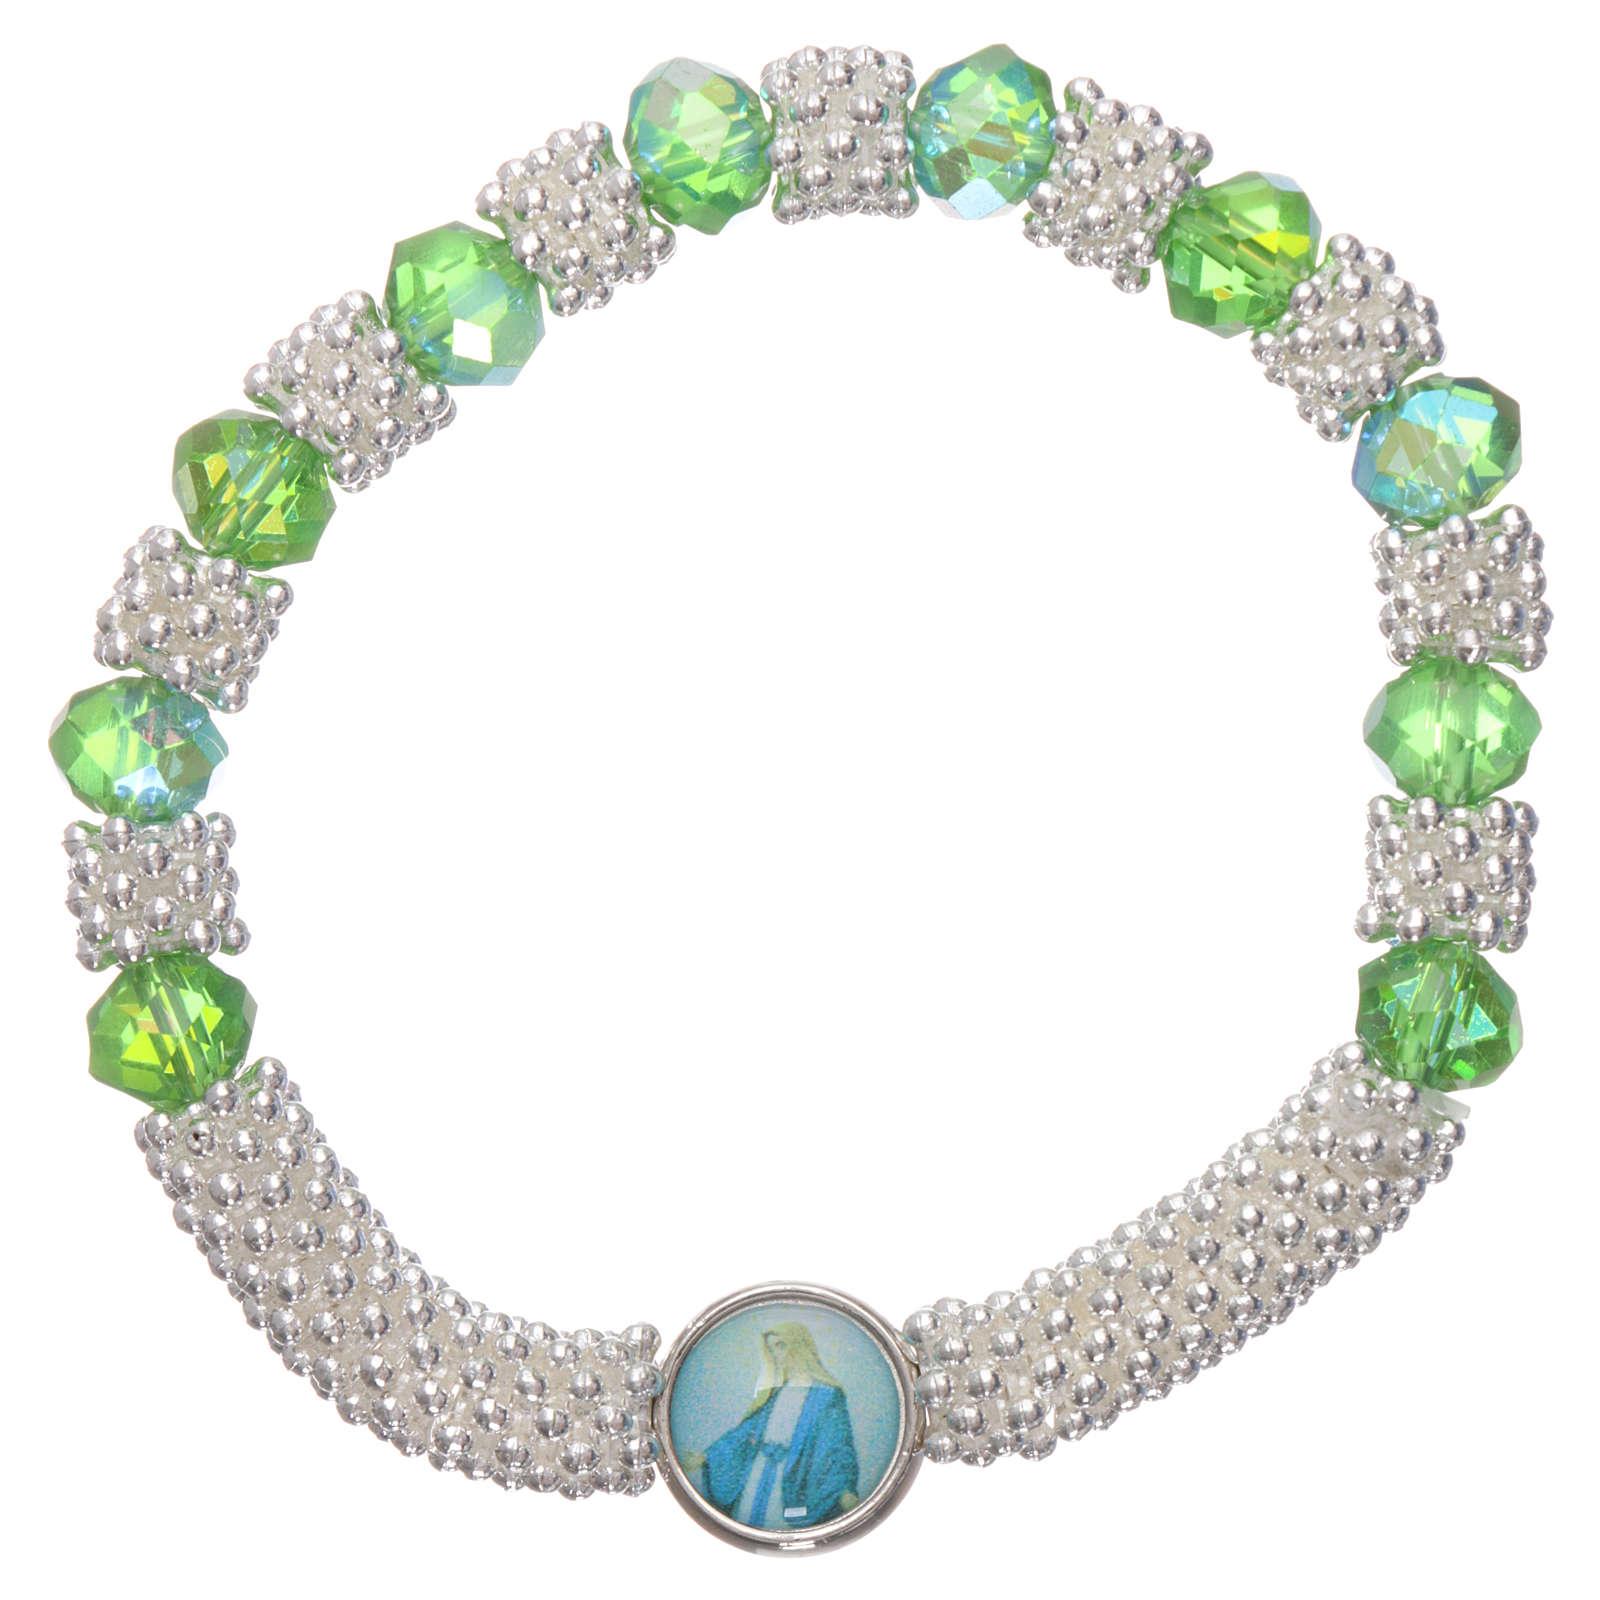 Bracciale decina elastico mezzo cristallo verde smeraldo grani sfaccettati 3x5 mm 4